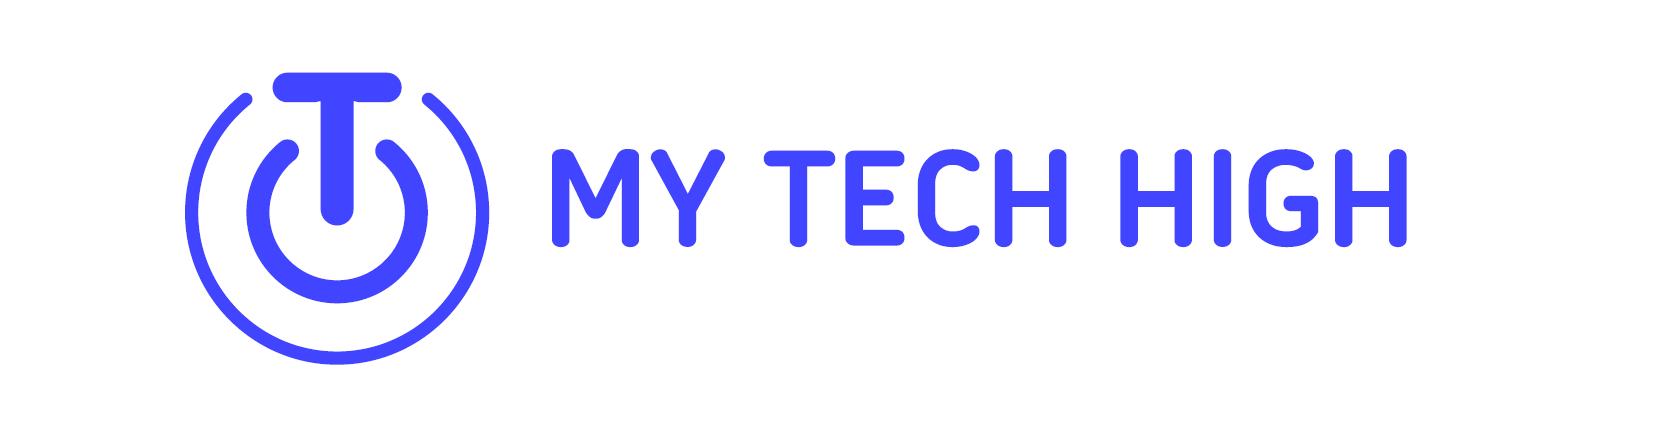 My Tech High